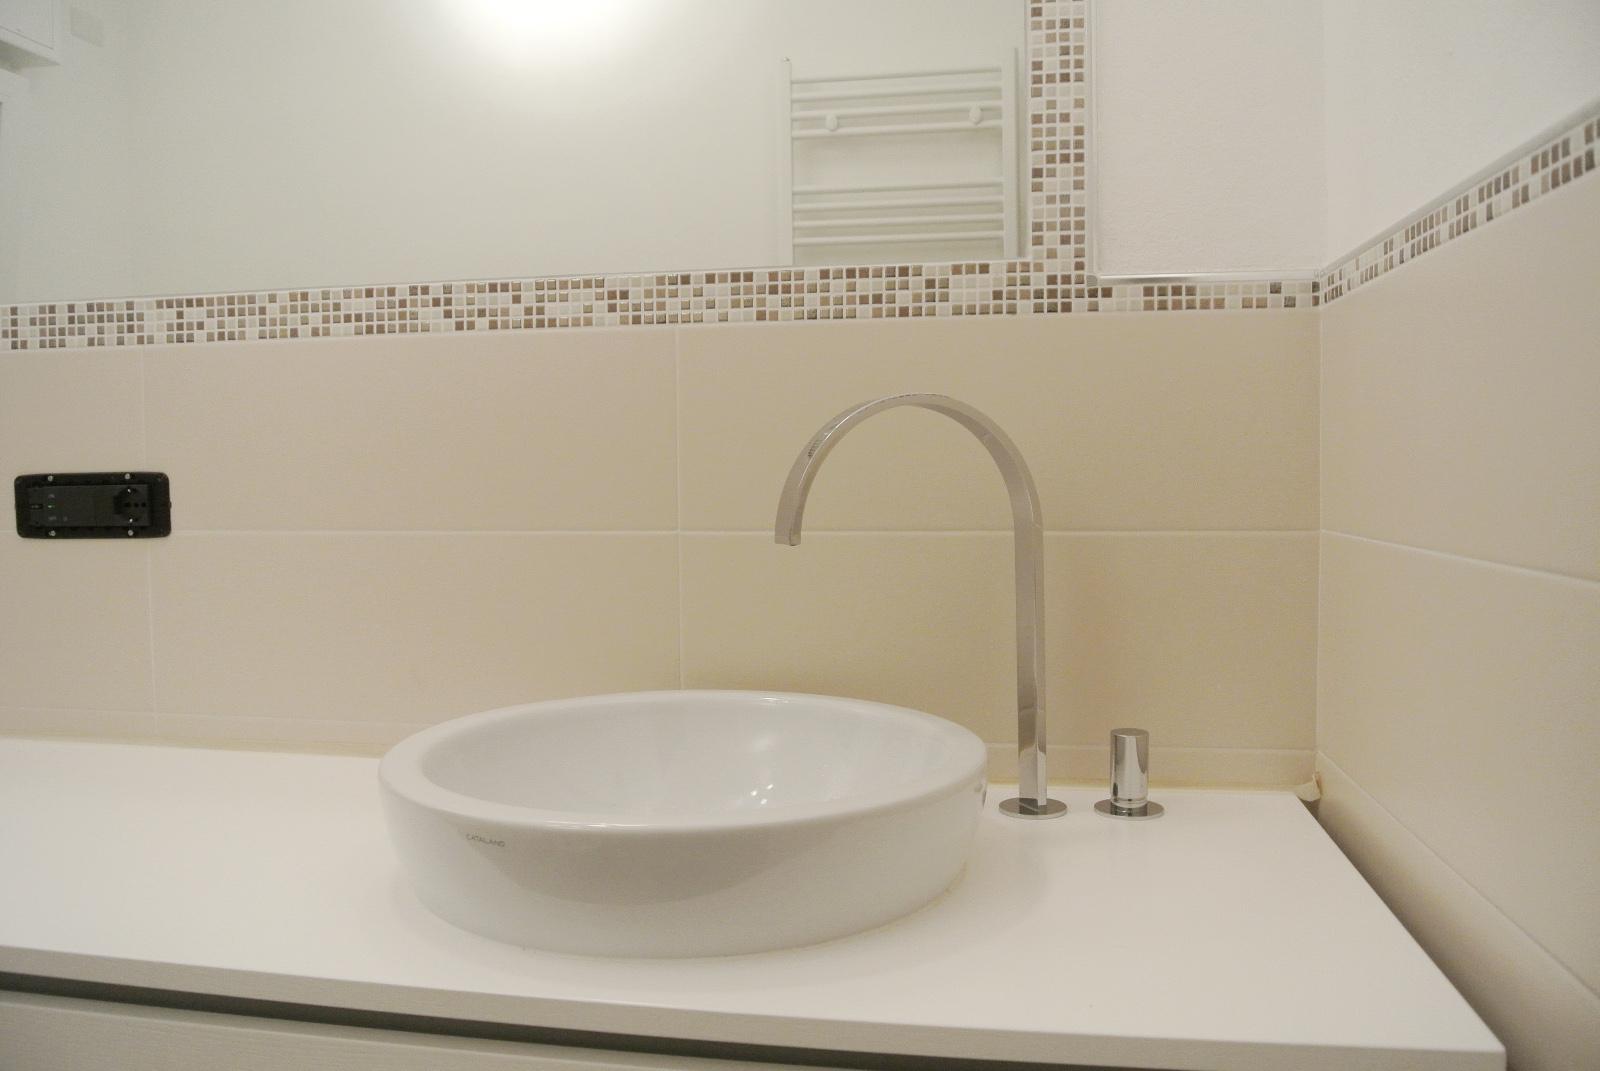 sintesibagno-arredobagno-arredo-bagno-svizzera-mobile-puntotre-lavabo-appoggio-catalano-rubinetteria-arco